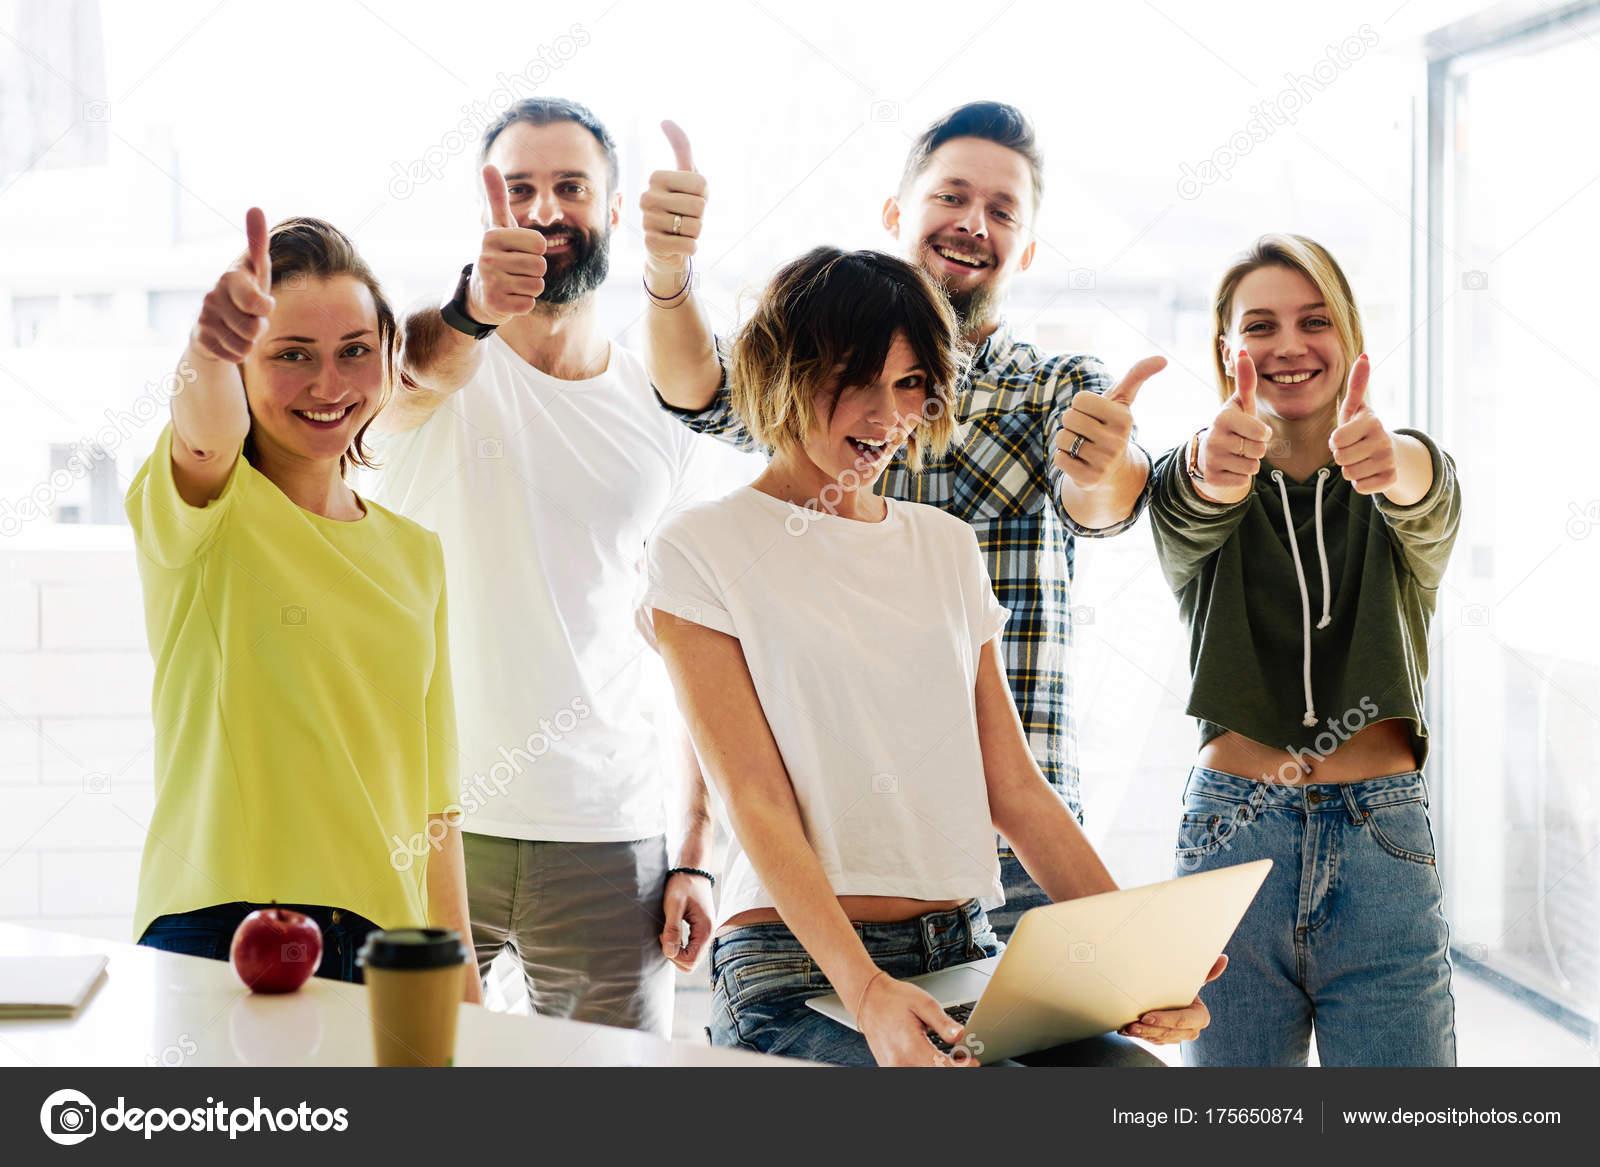 Boys grubu: en başarılı projeler